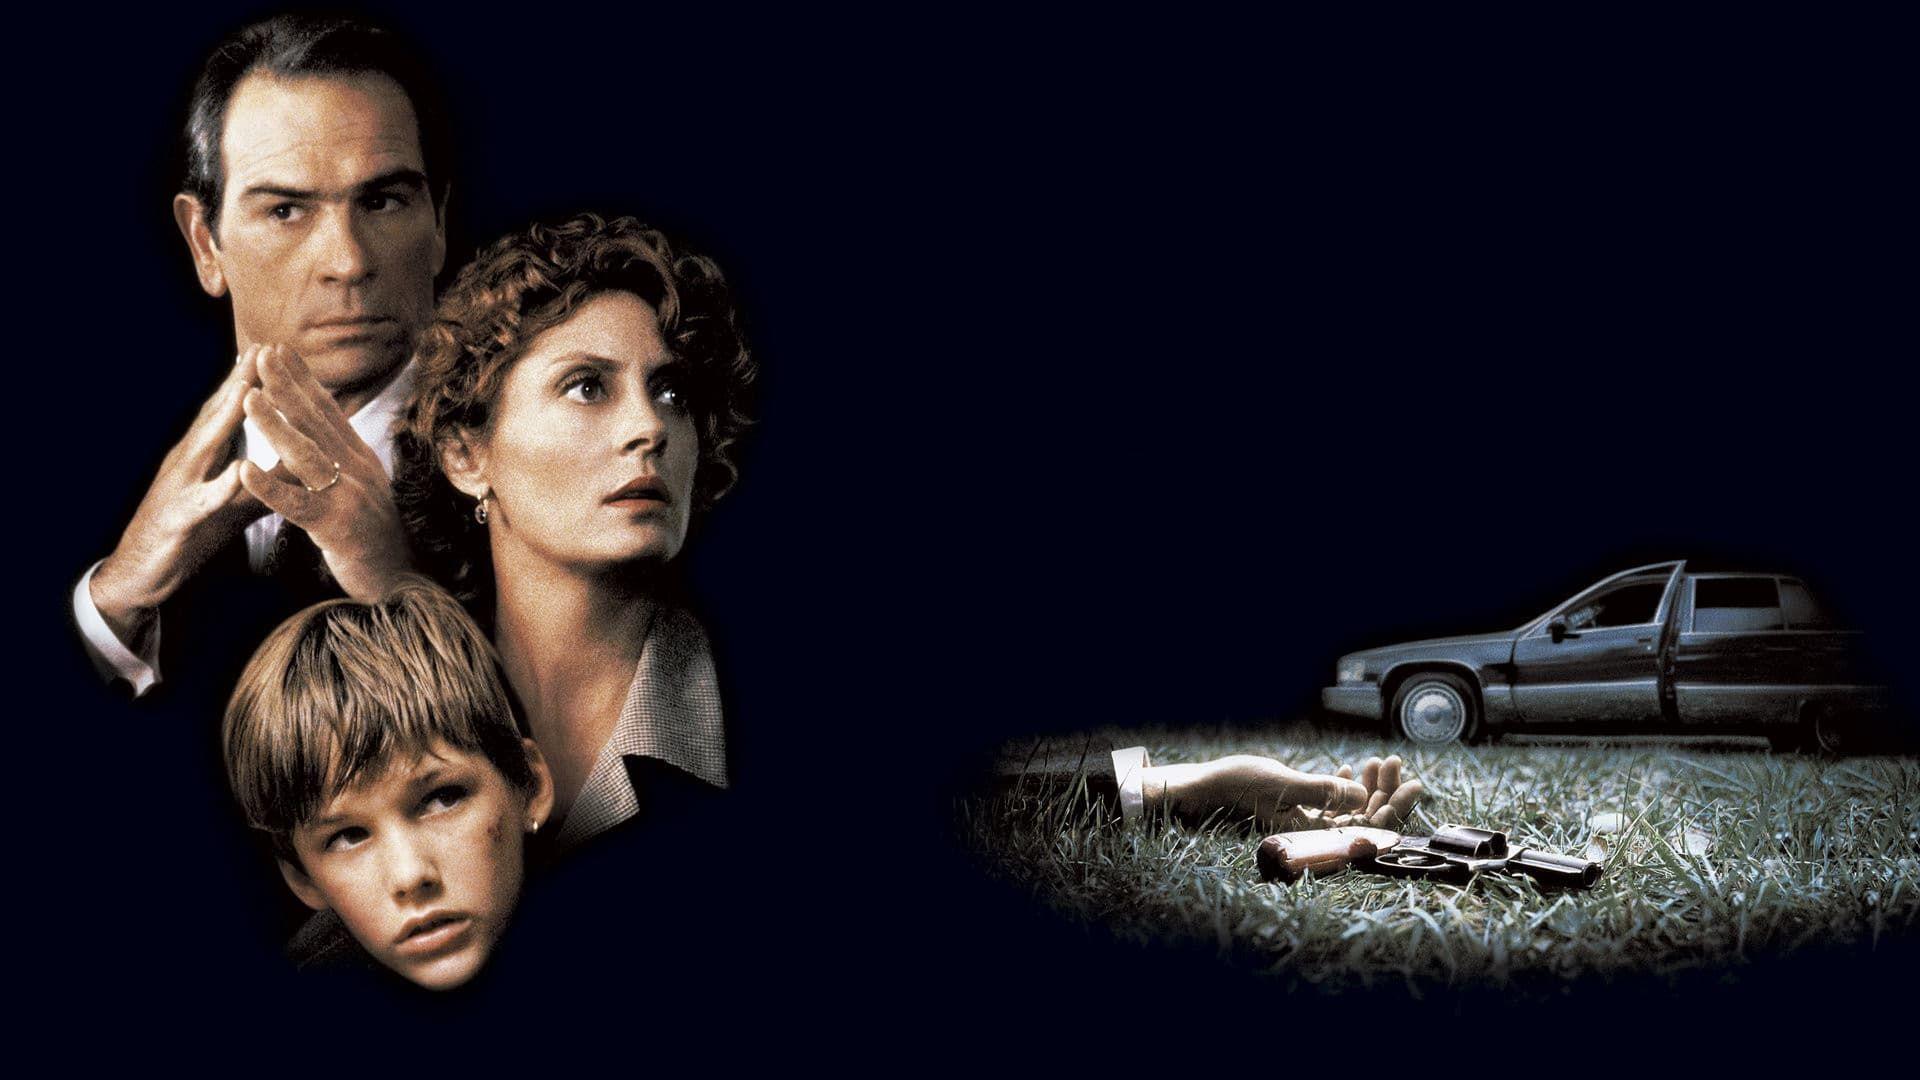 [HDMOZI]™ Az ügyfél 1994 ONLINE TELJES FILM FILMEK